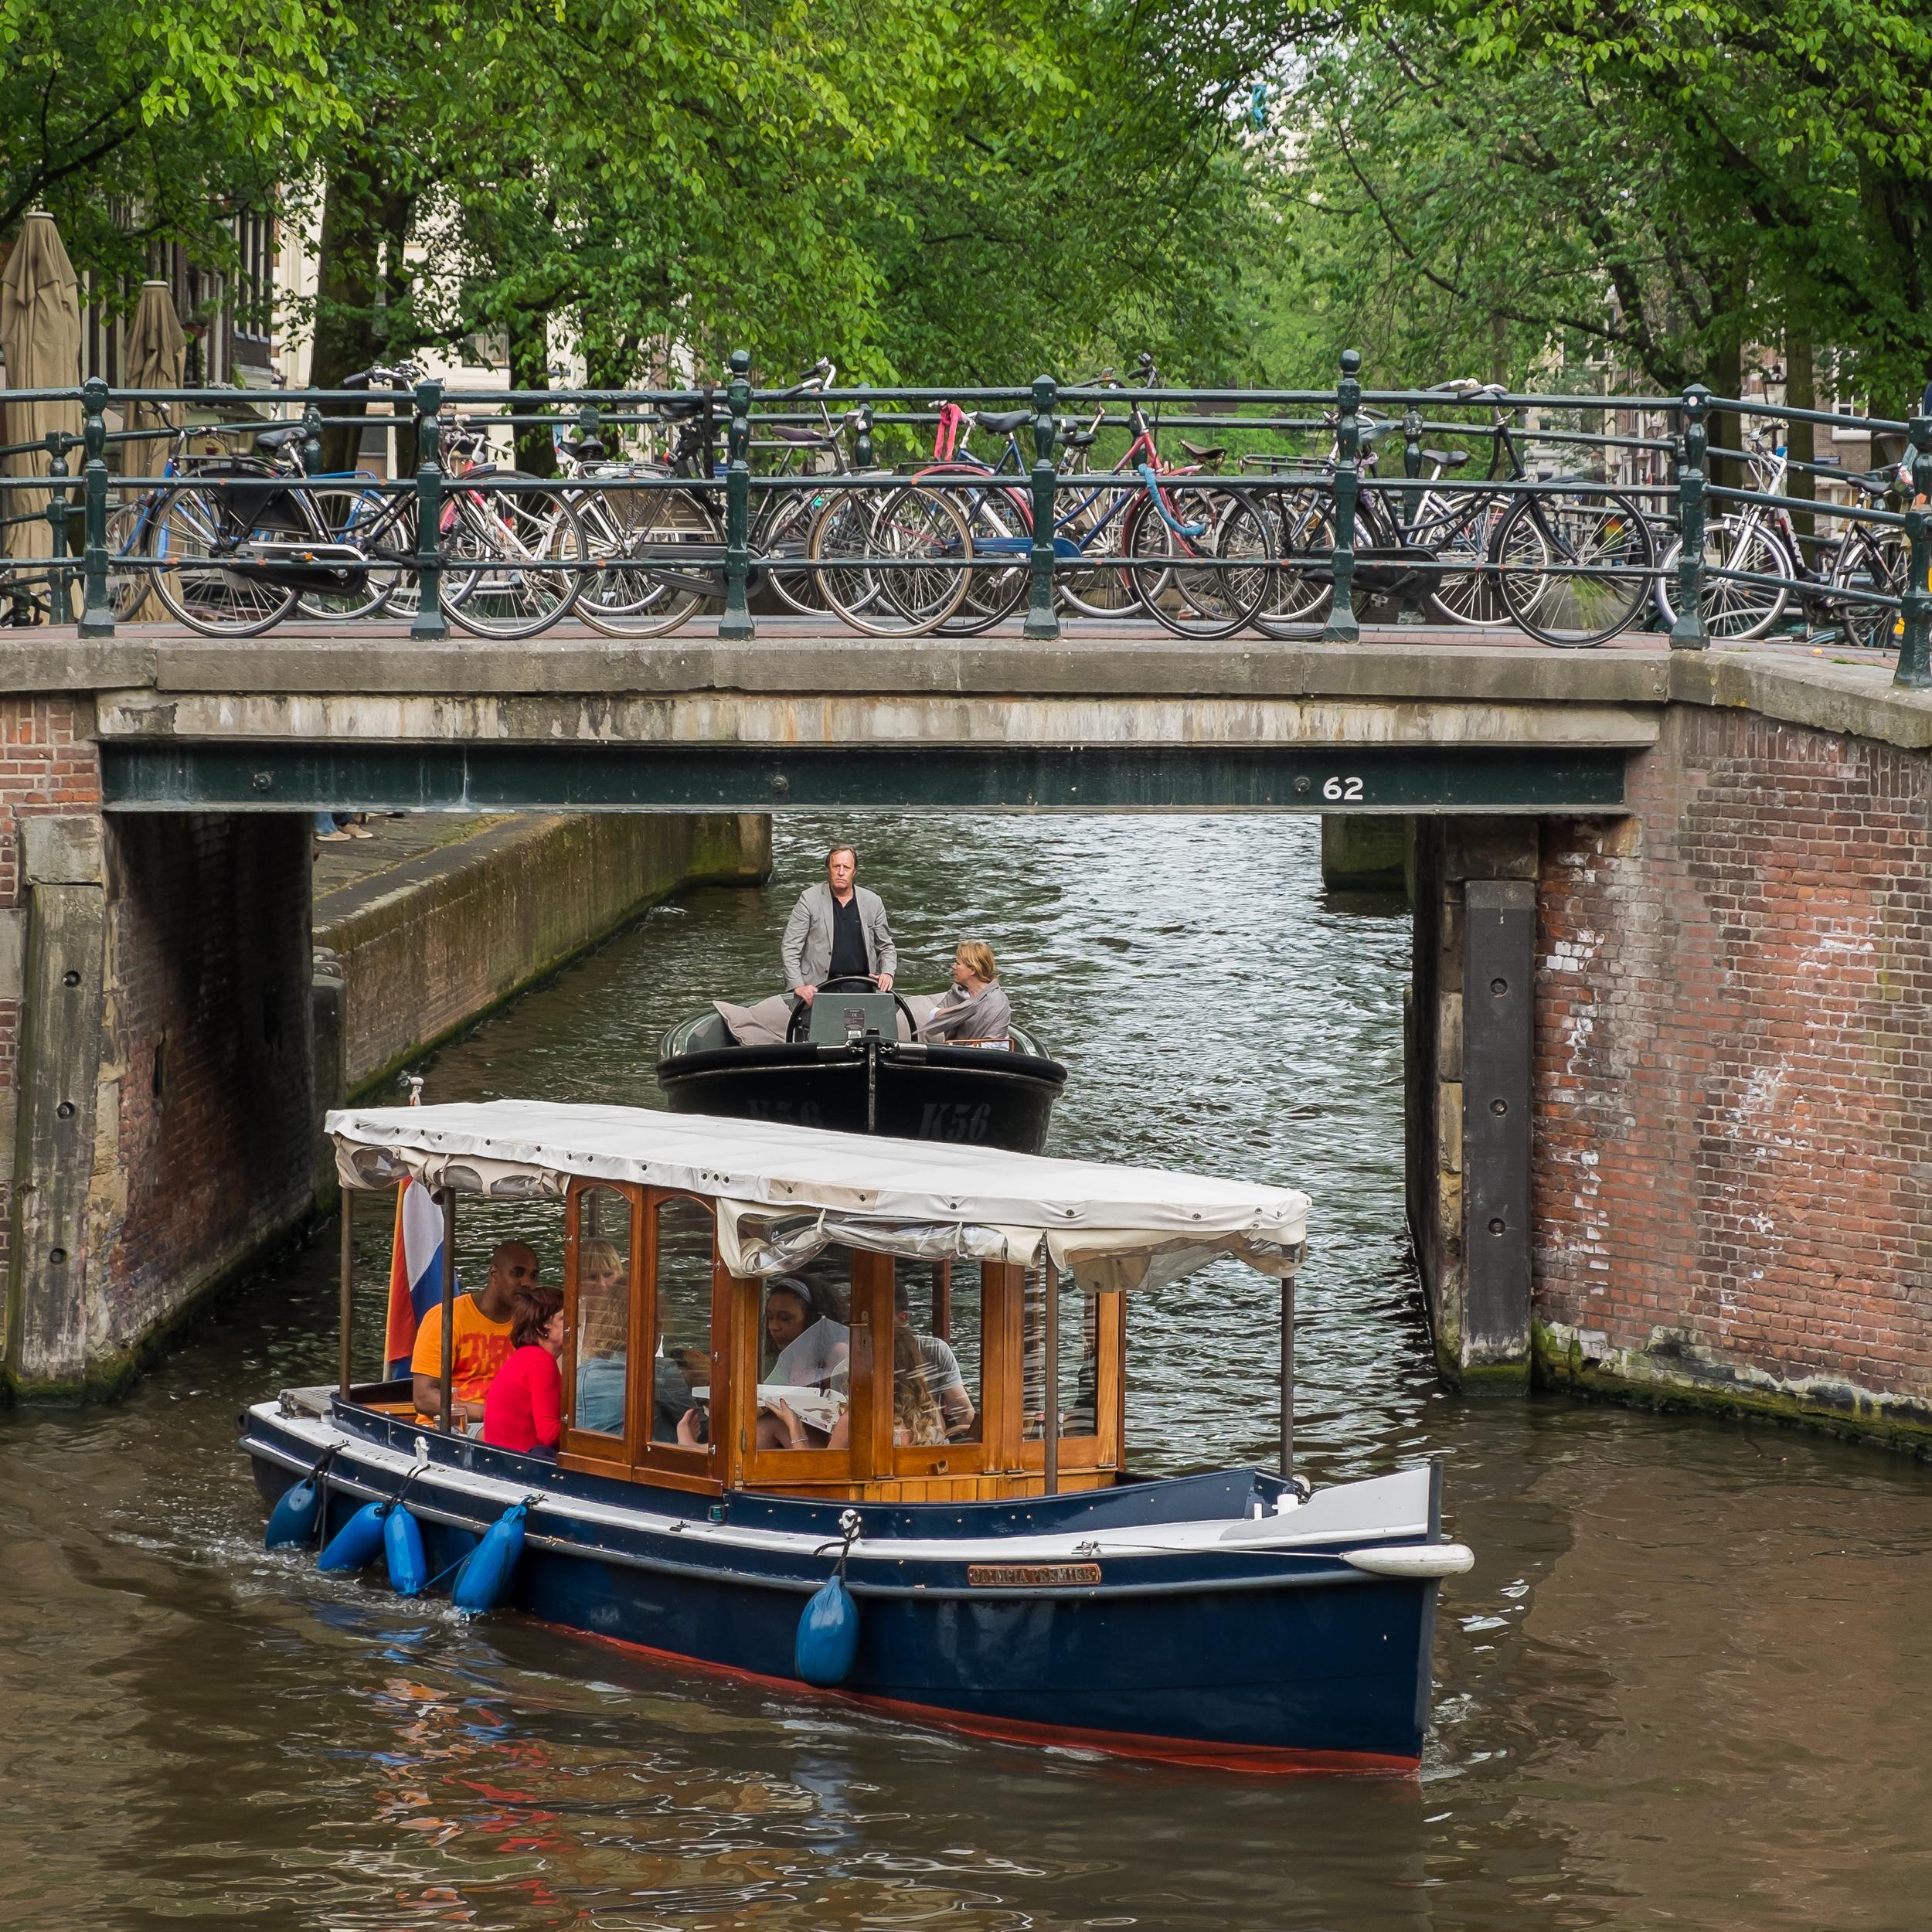 Amsterdam-Bridge62-20130619-DSCF0921.jpg